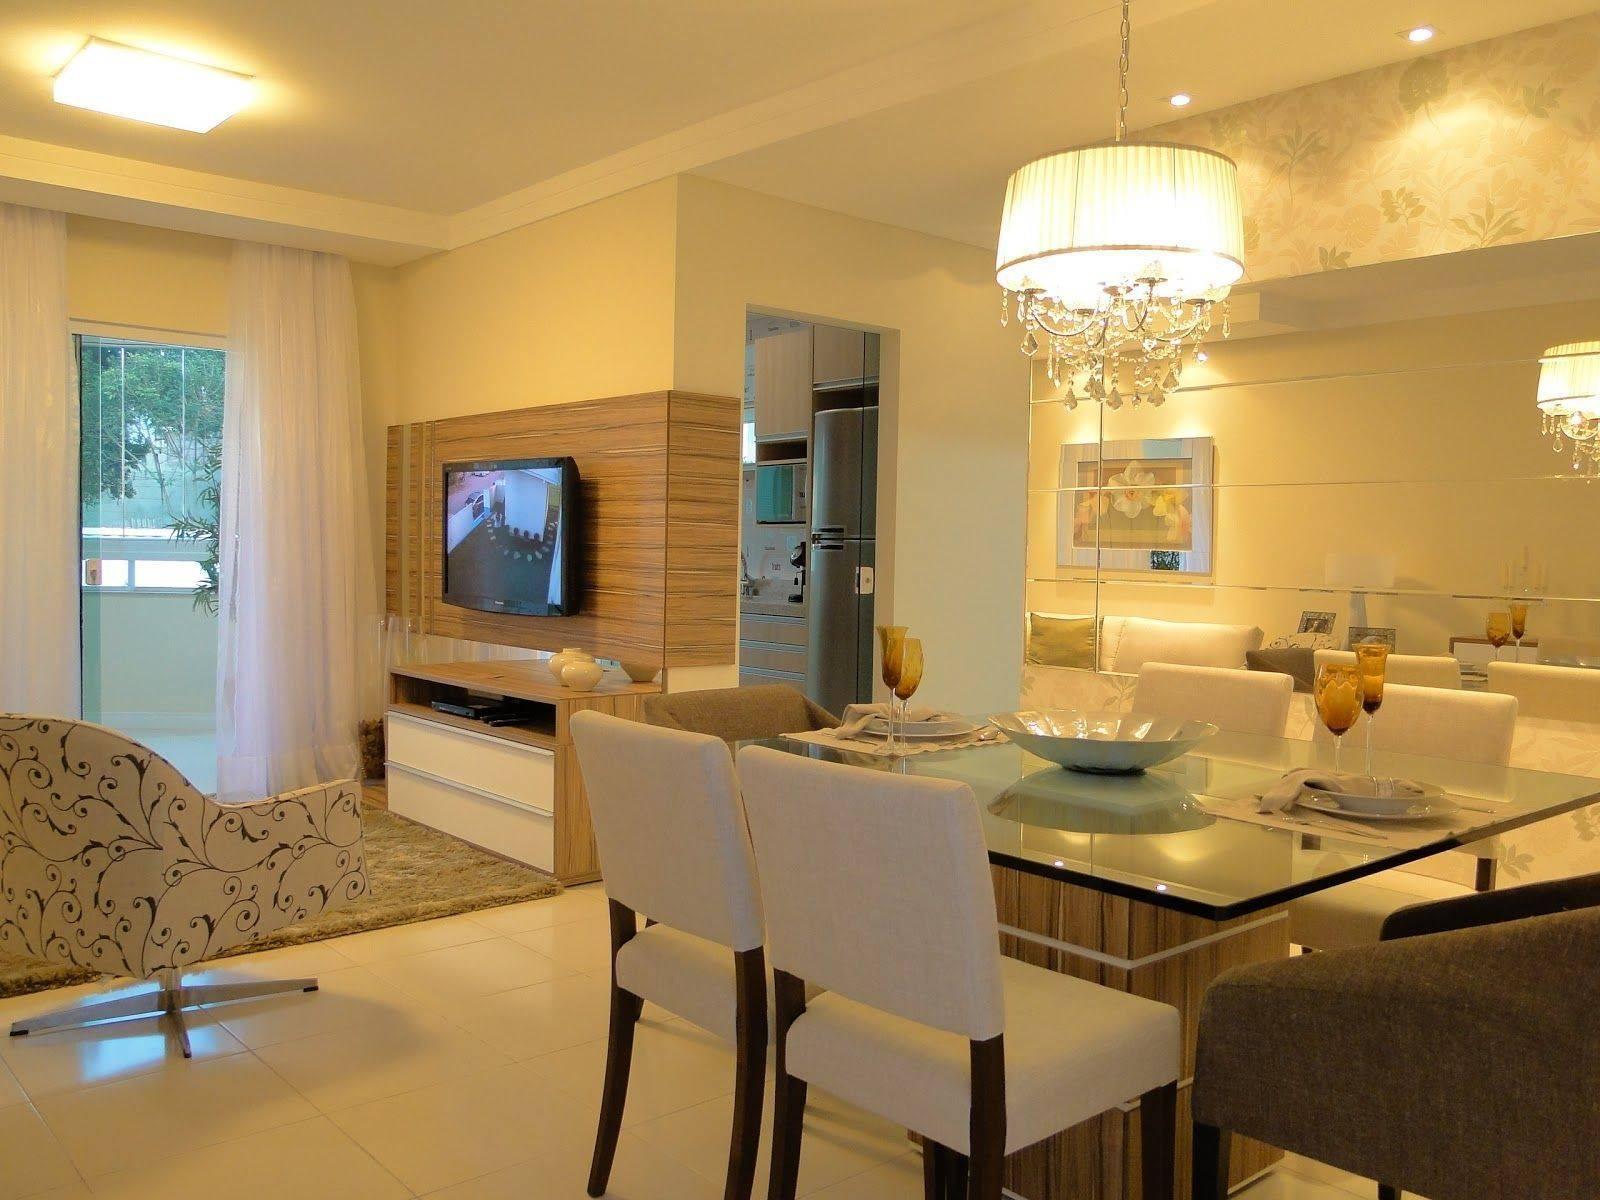 Salas com gesso decora o de casa for Todo casa decoracion